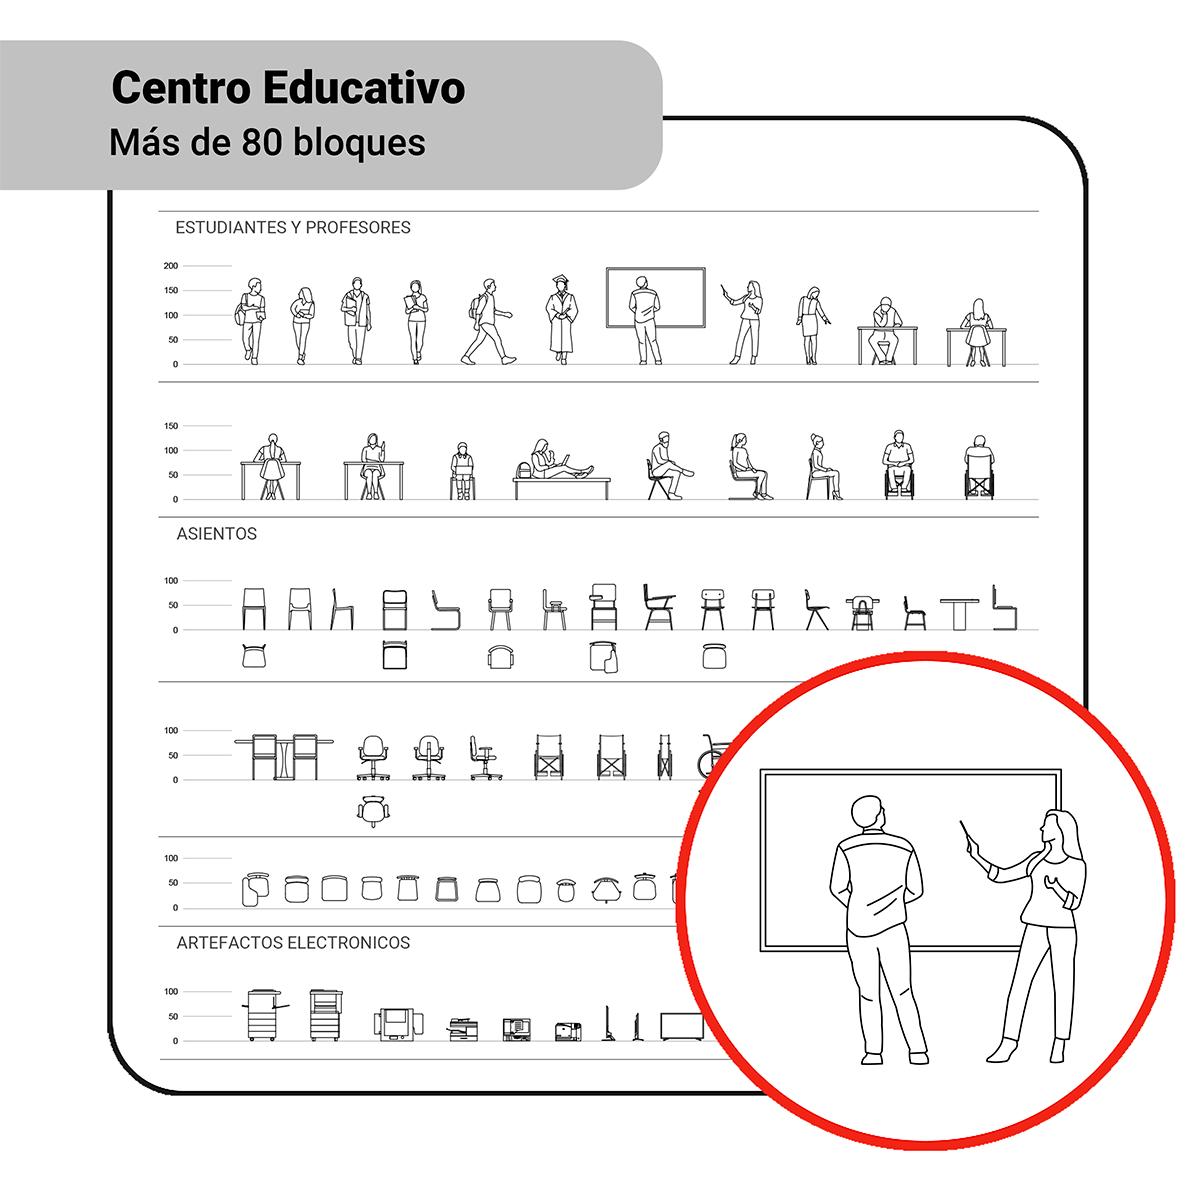 Bloques: Centro Educativo